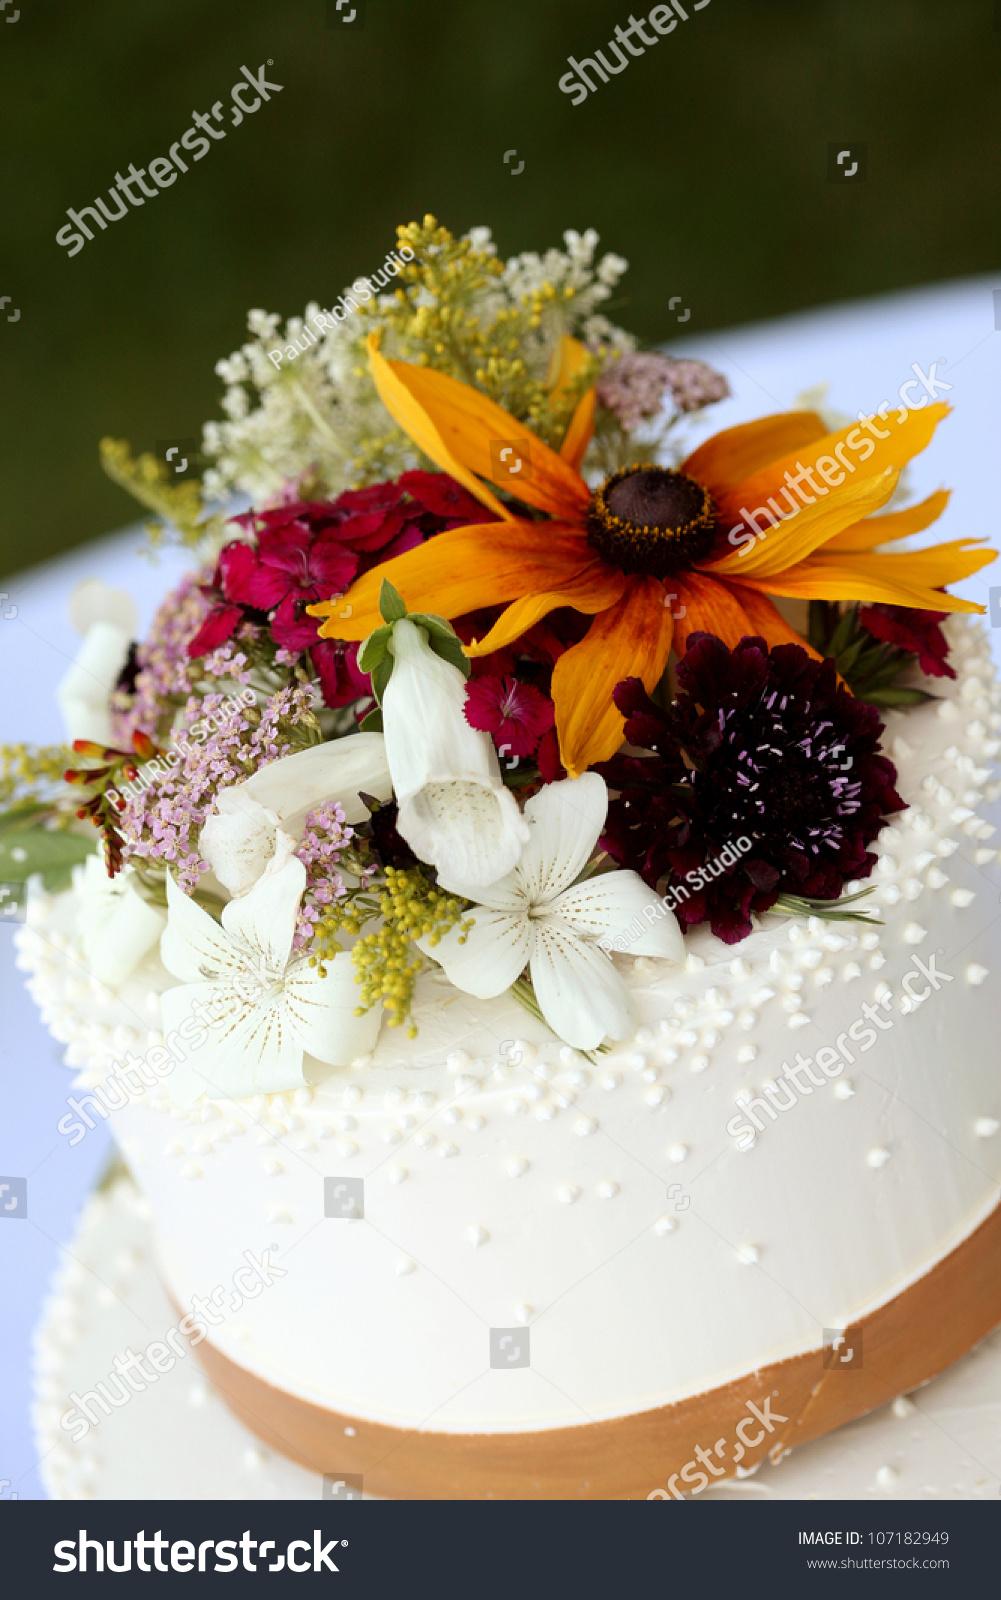 White Wedding Cake Fresh Flowers Stock Photo Safe To Use 107182949